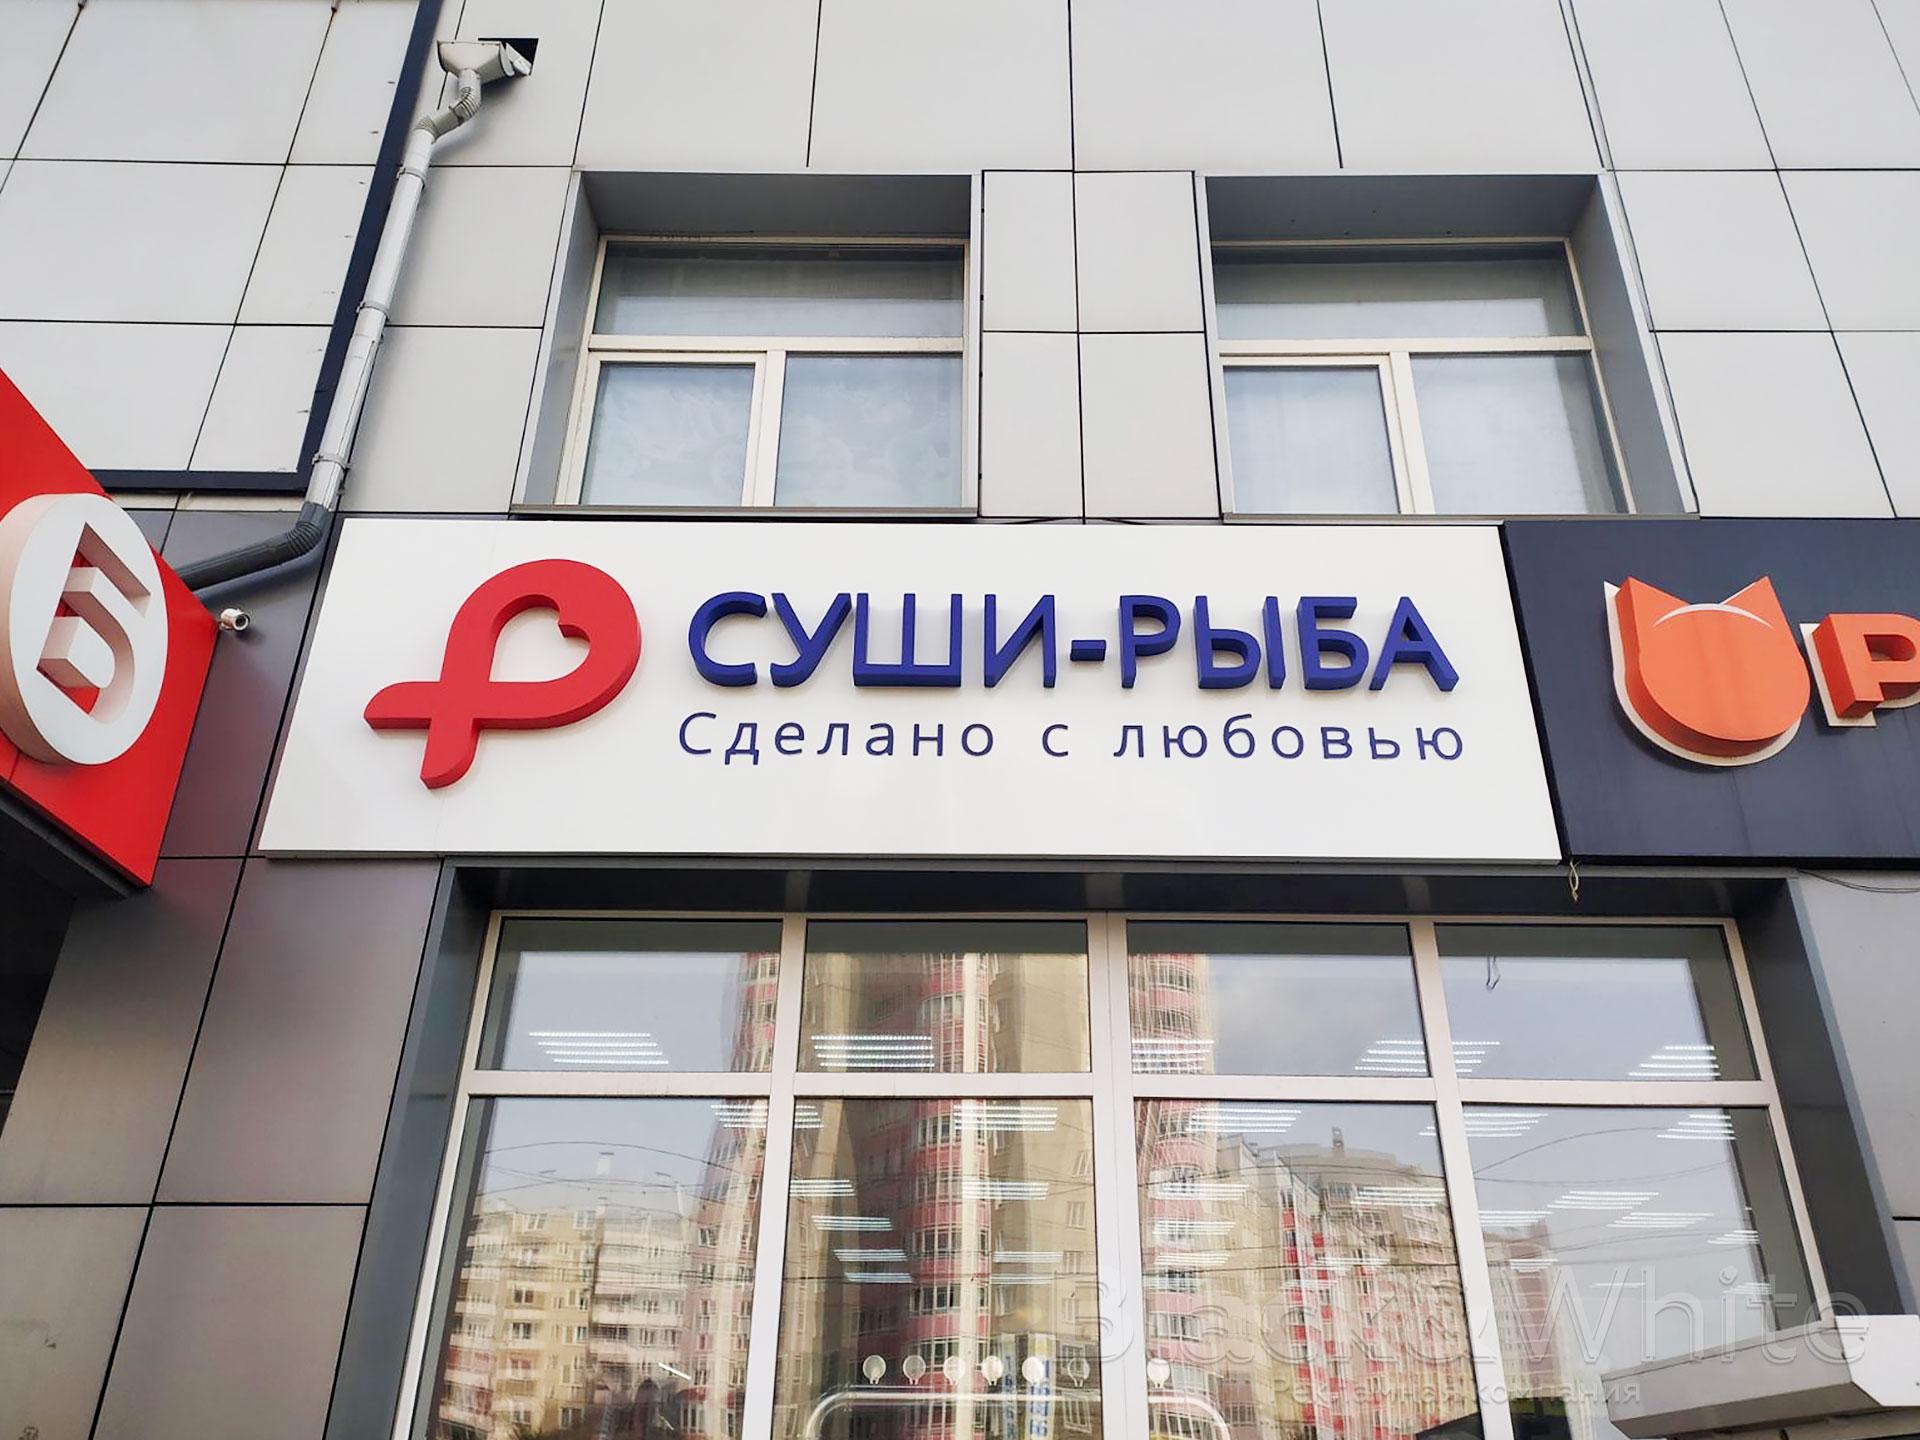 Вывеска-для-доставки-сущи-изготовление-на-заказ-Красноярск.jpg